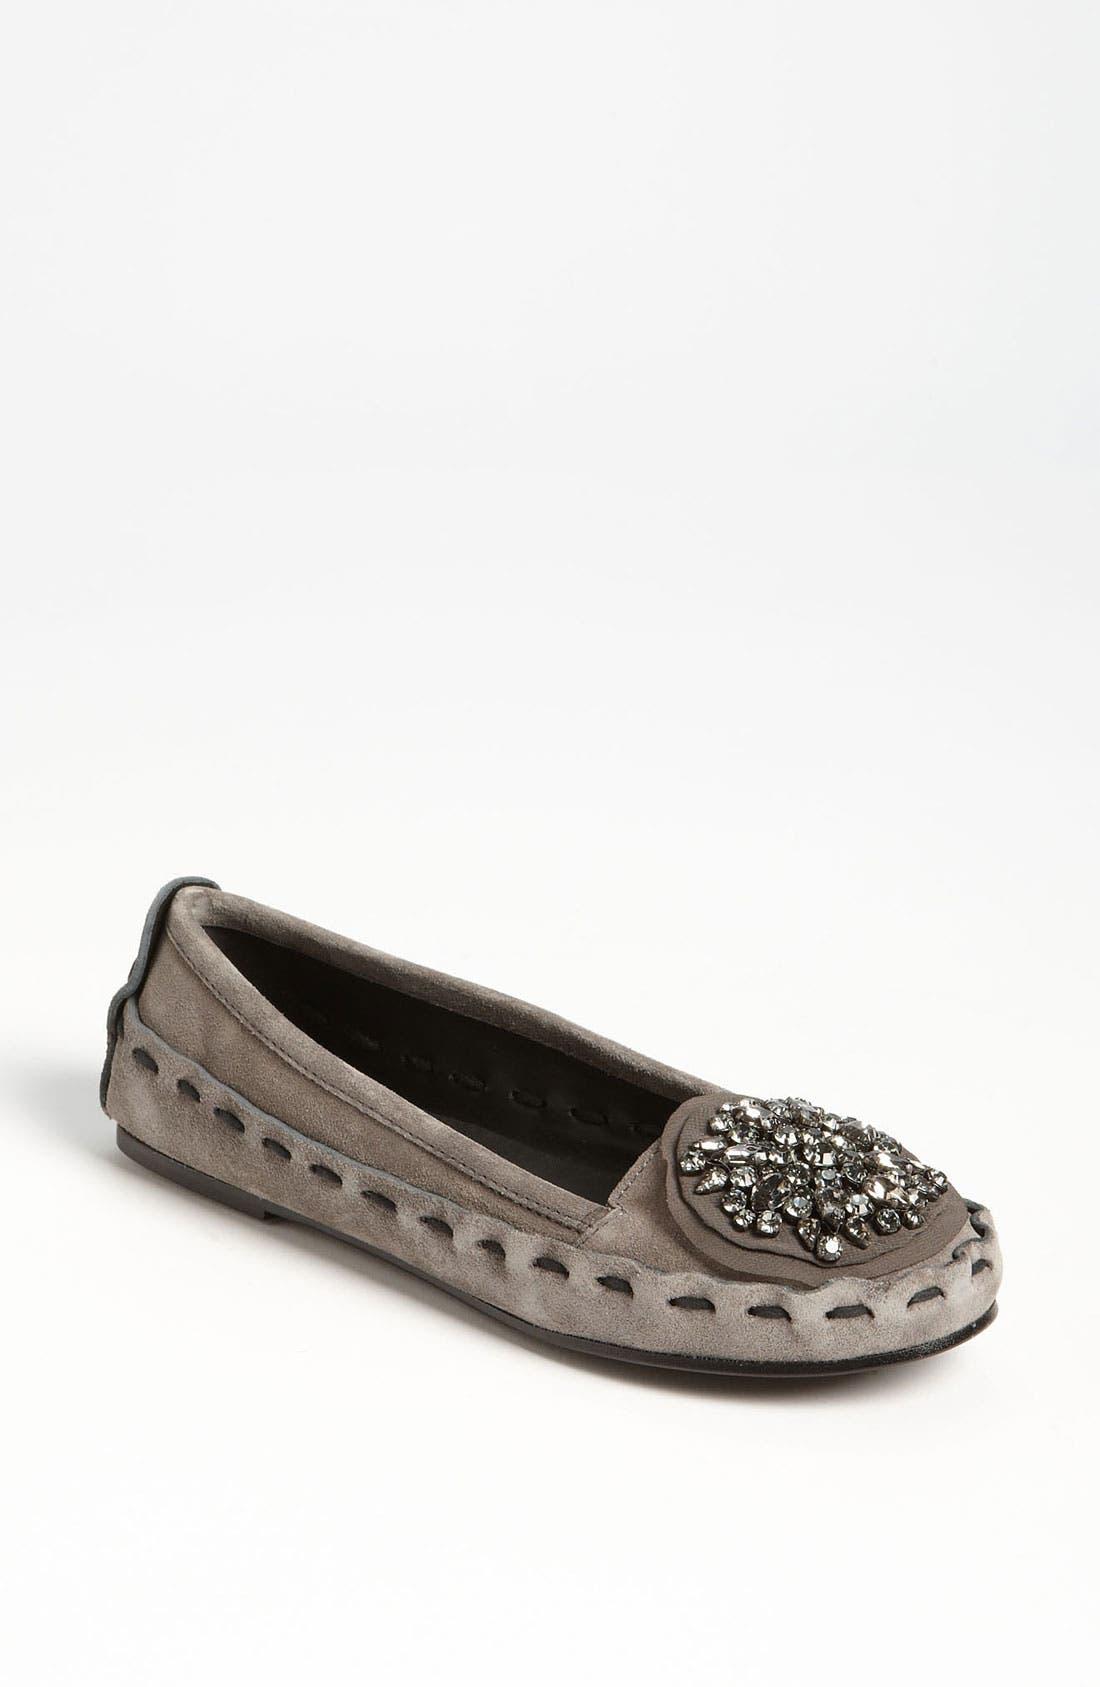 Main Image - Vera Wang Footwear 'Indigo' Flat